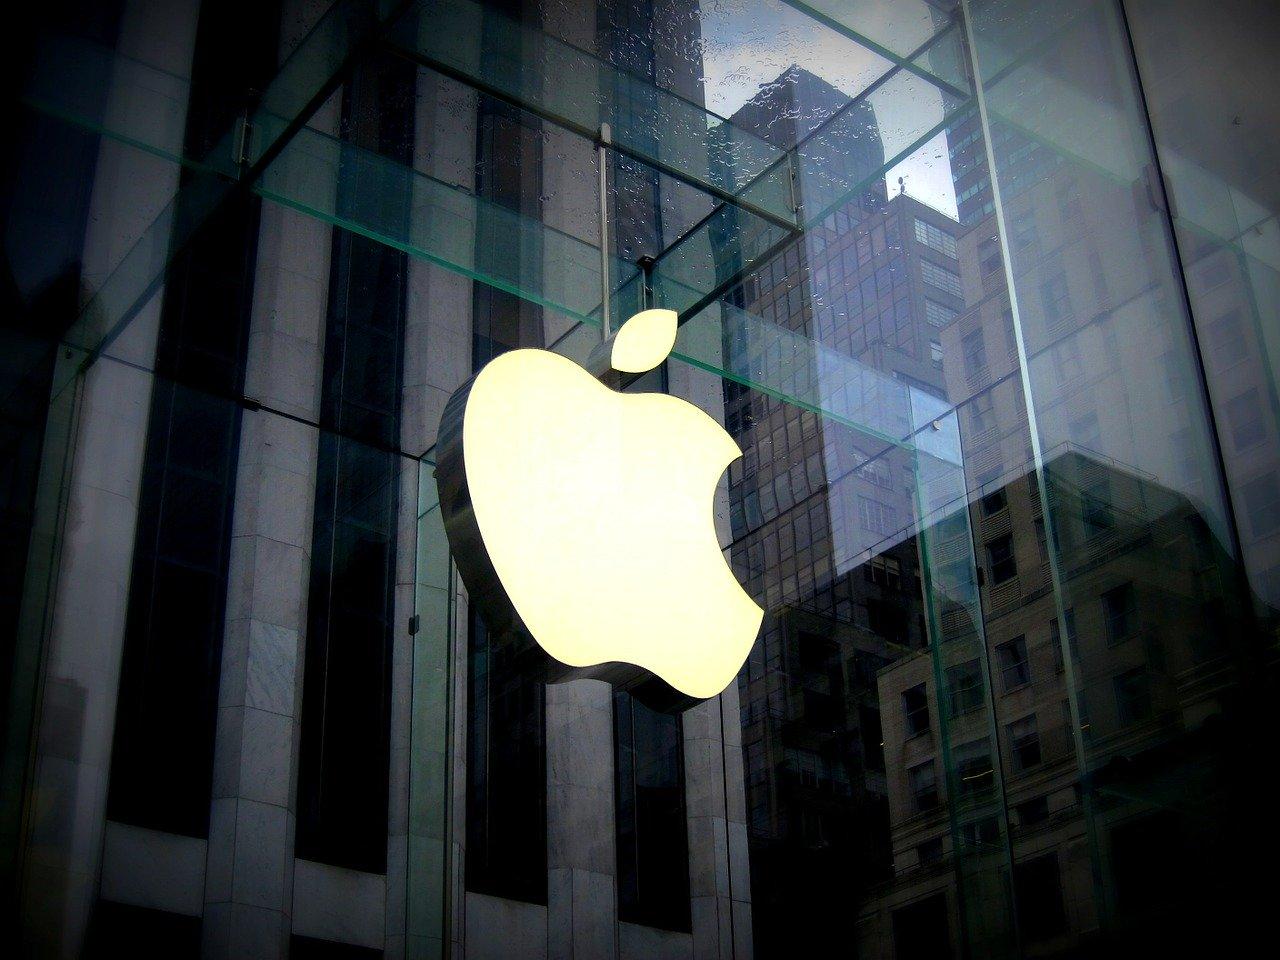 Apple : la justice européenne annule le redressement fiscal de 13 milliards d'euros